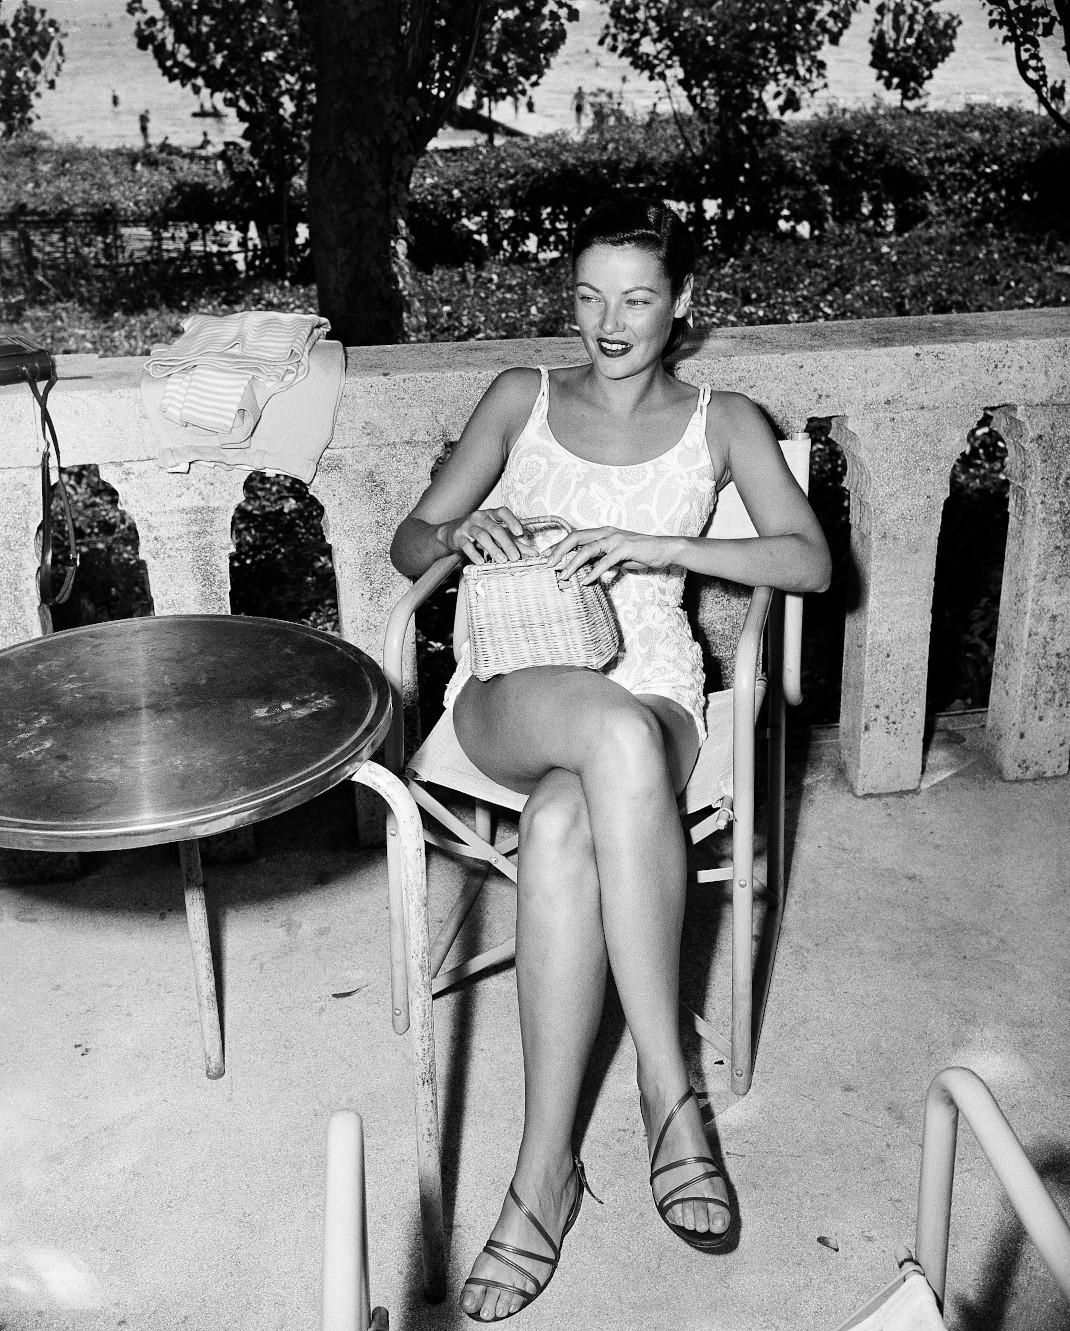 Τζιν Τίρνεϊ: Η πανέμορφη ηθοποιός του Χόλιγουντ που ενέπνευσε την Αγκάθα Κρίστι